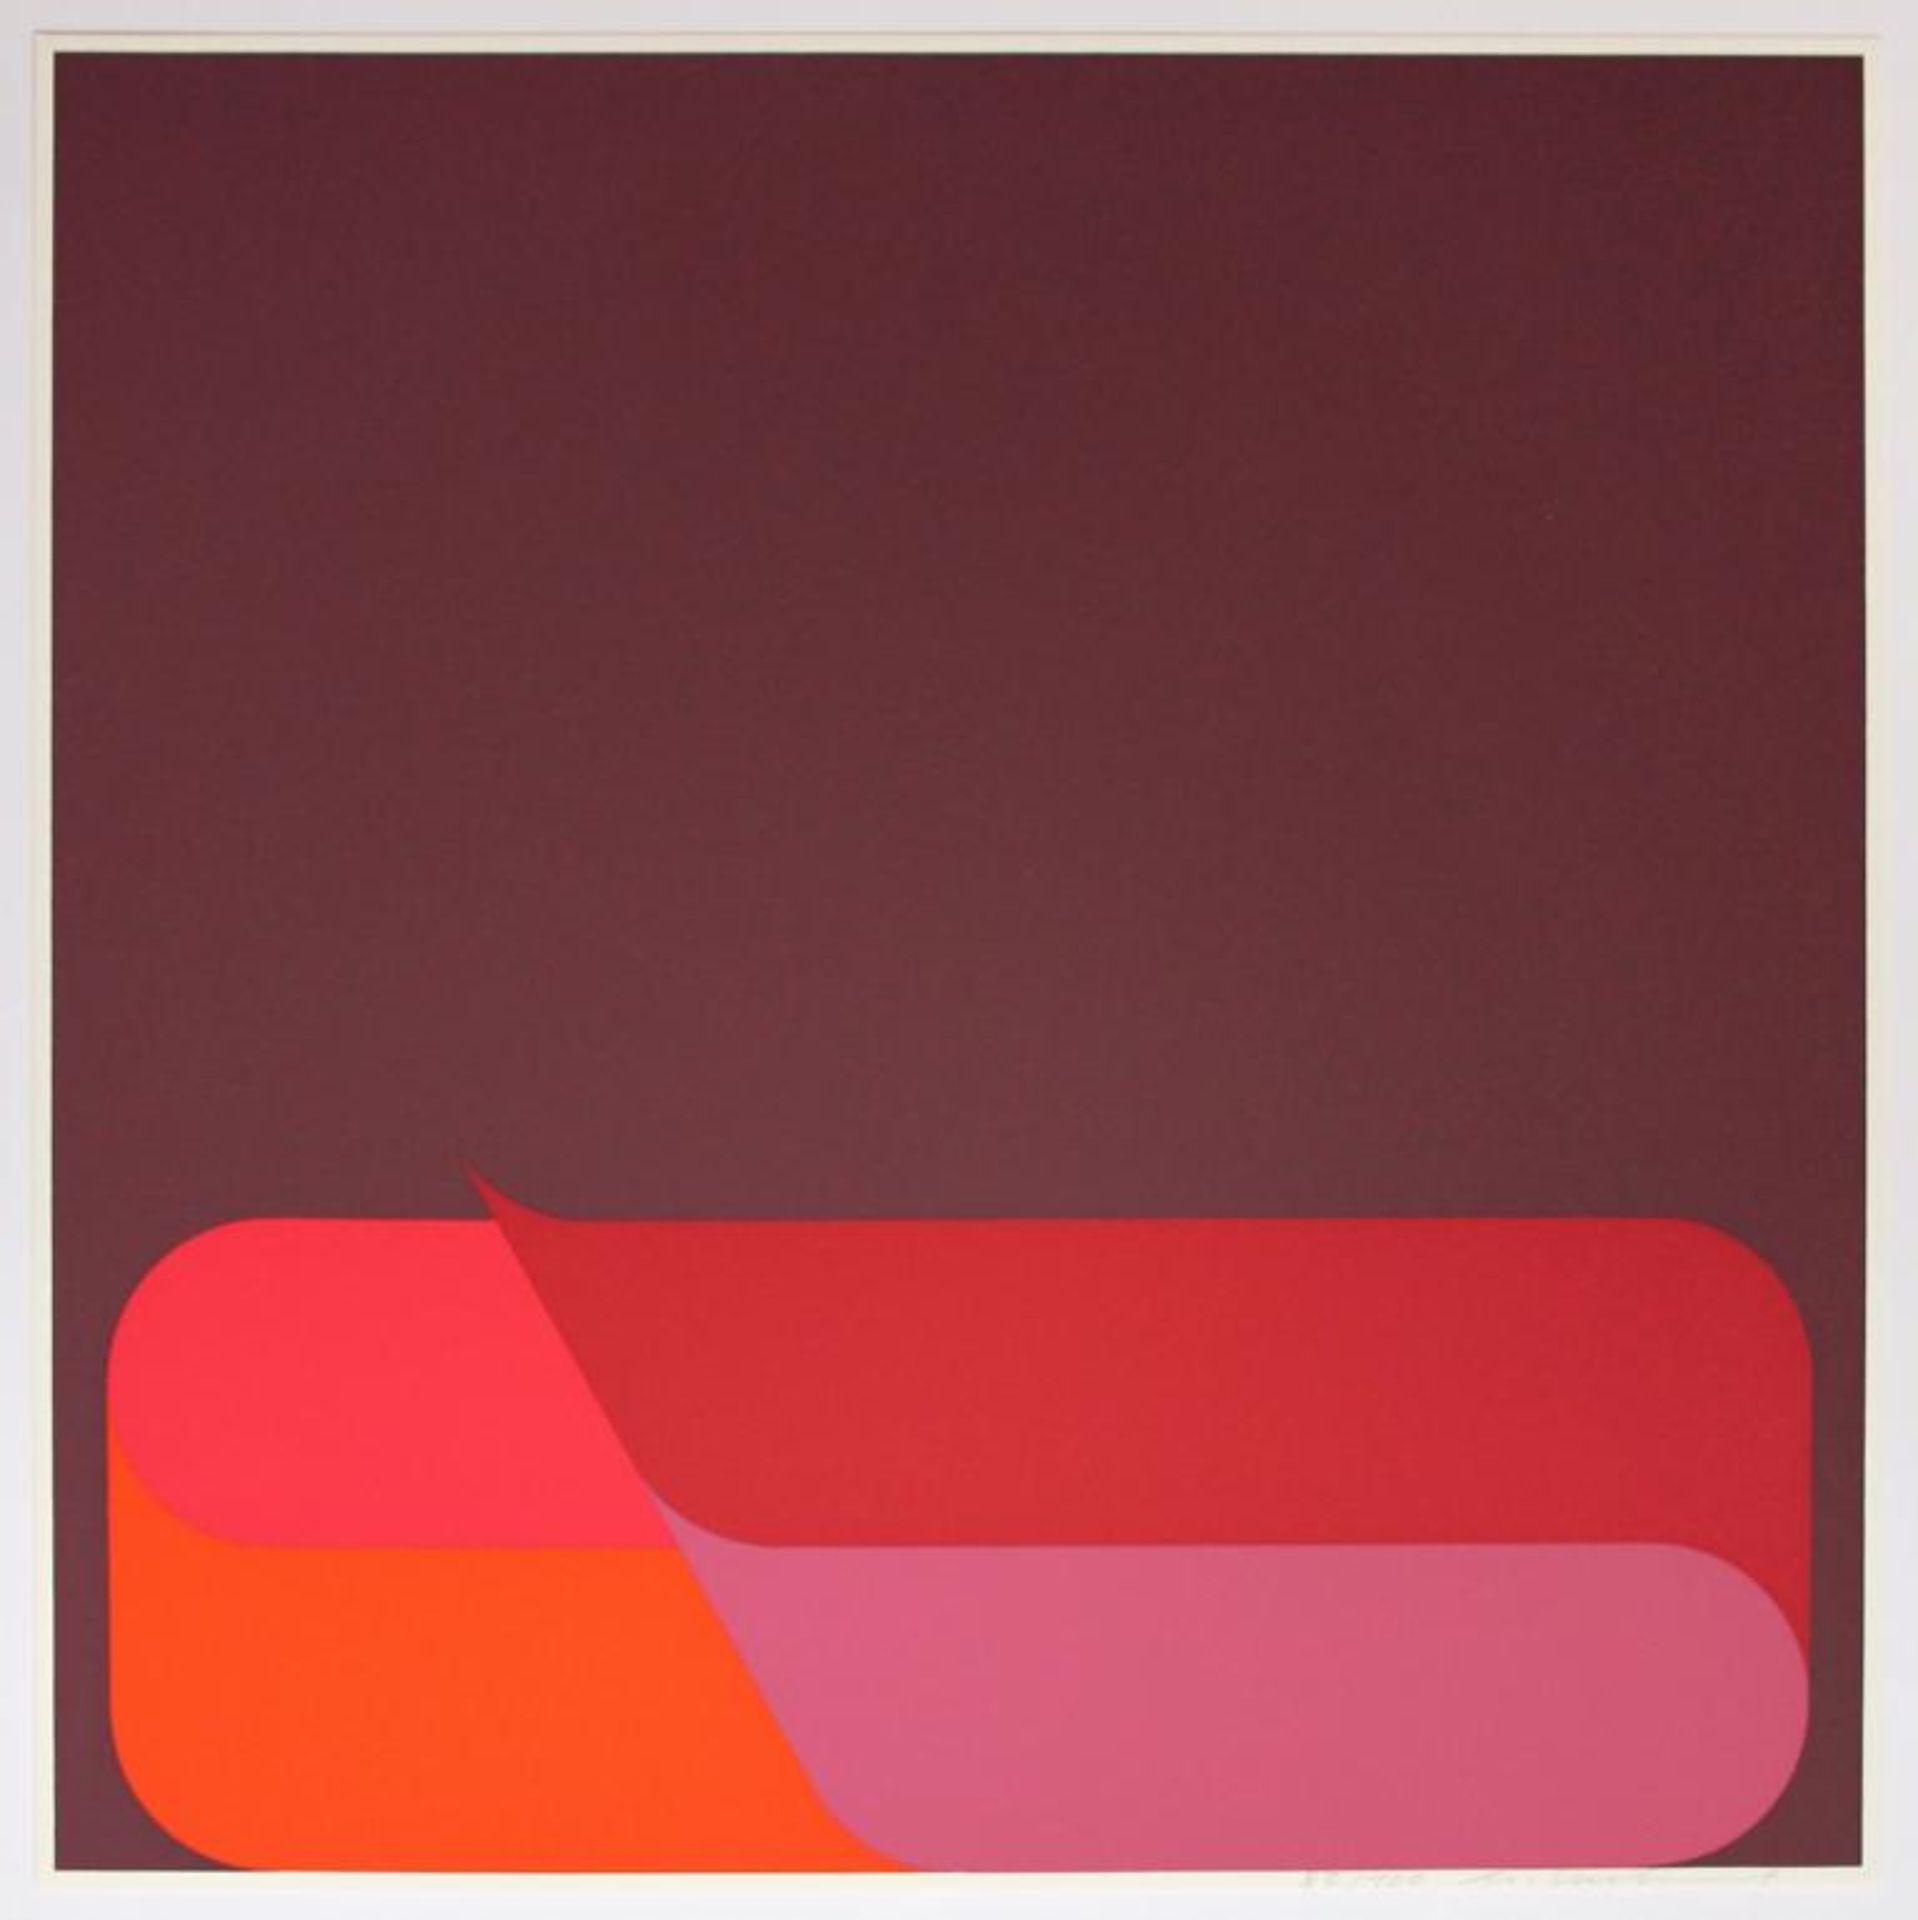 Kuhnert Horst (geb. 1938) Ohne Titel 1975 Farbsiebdruck handsigniert und nummeriert 83/100 40 x 40